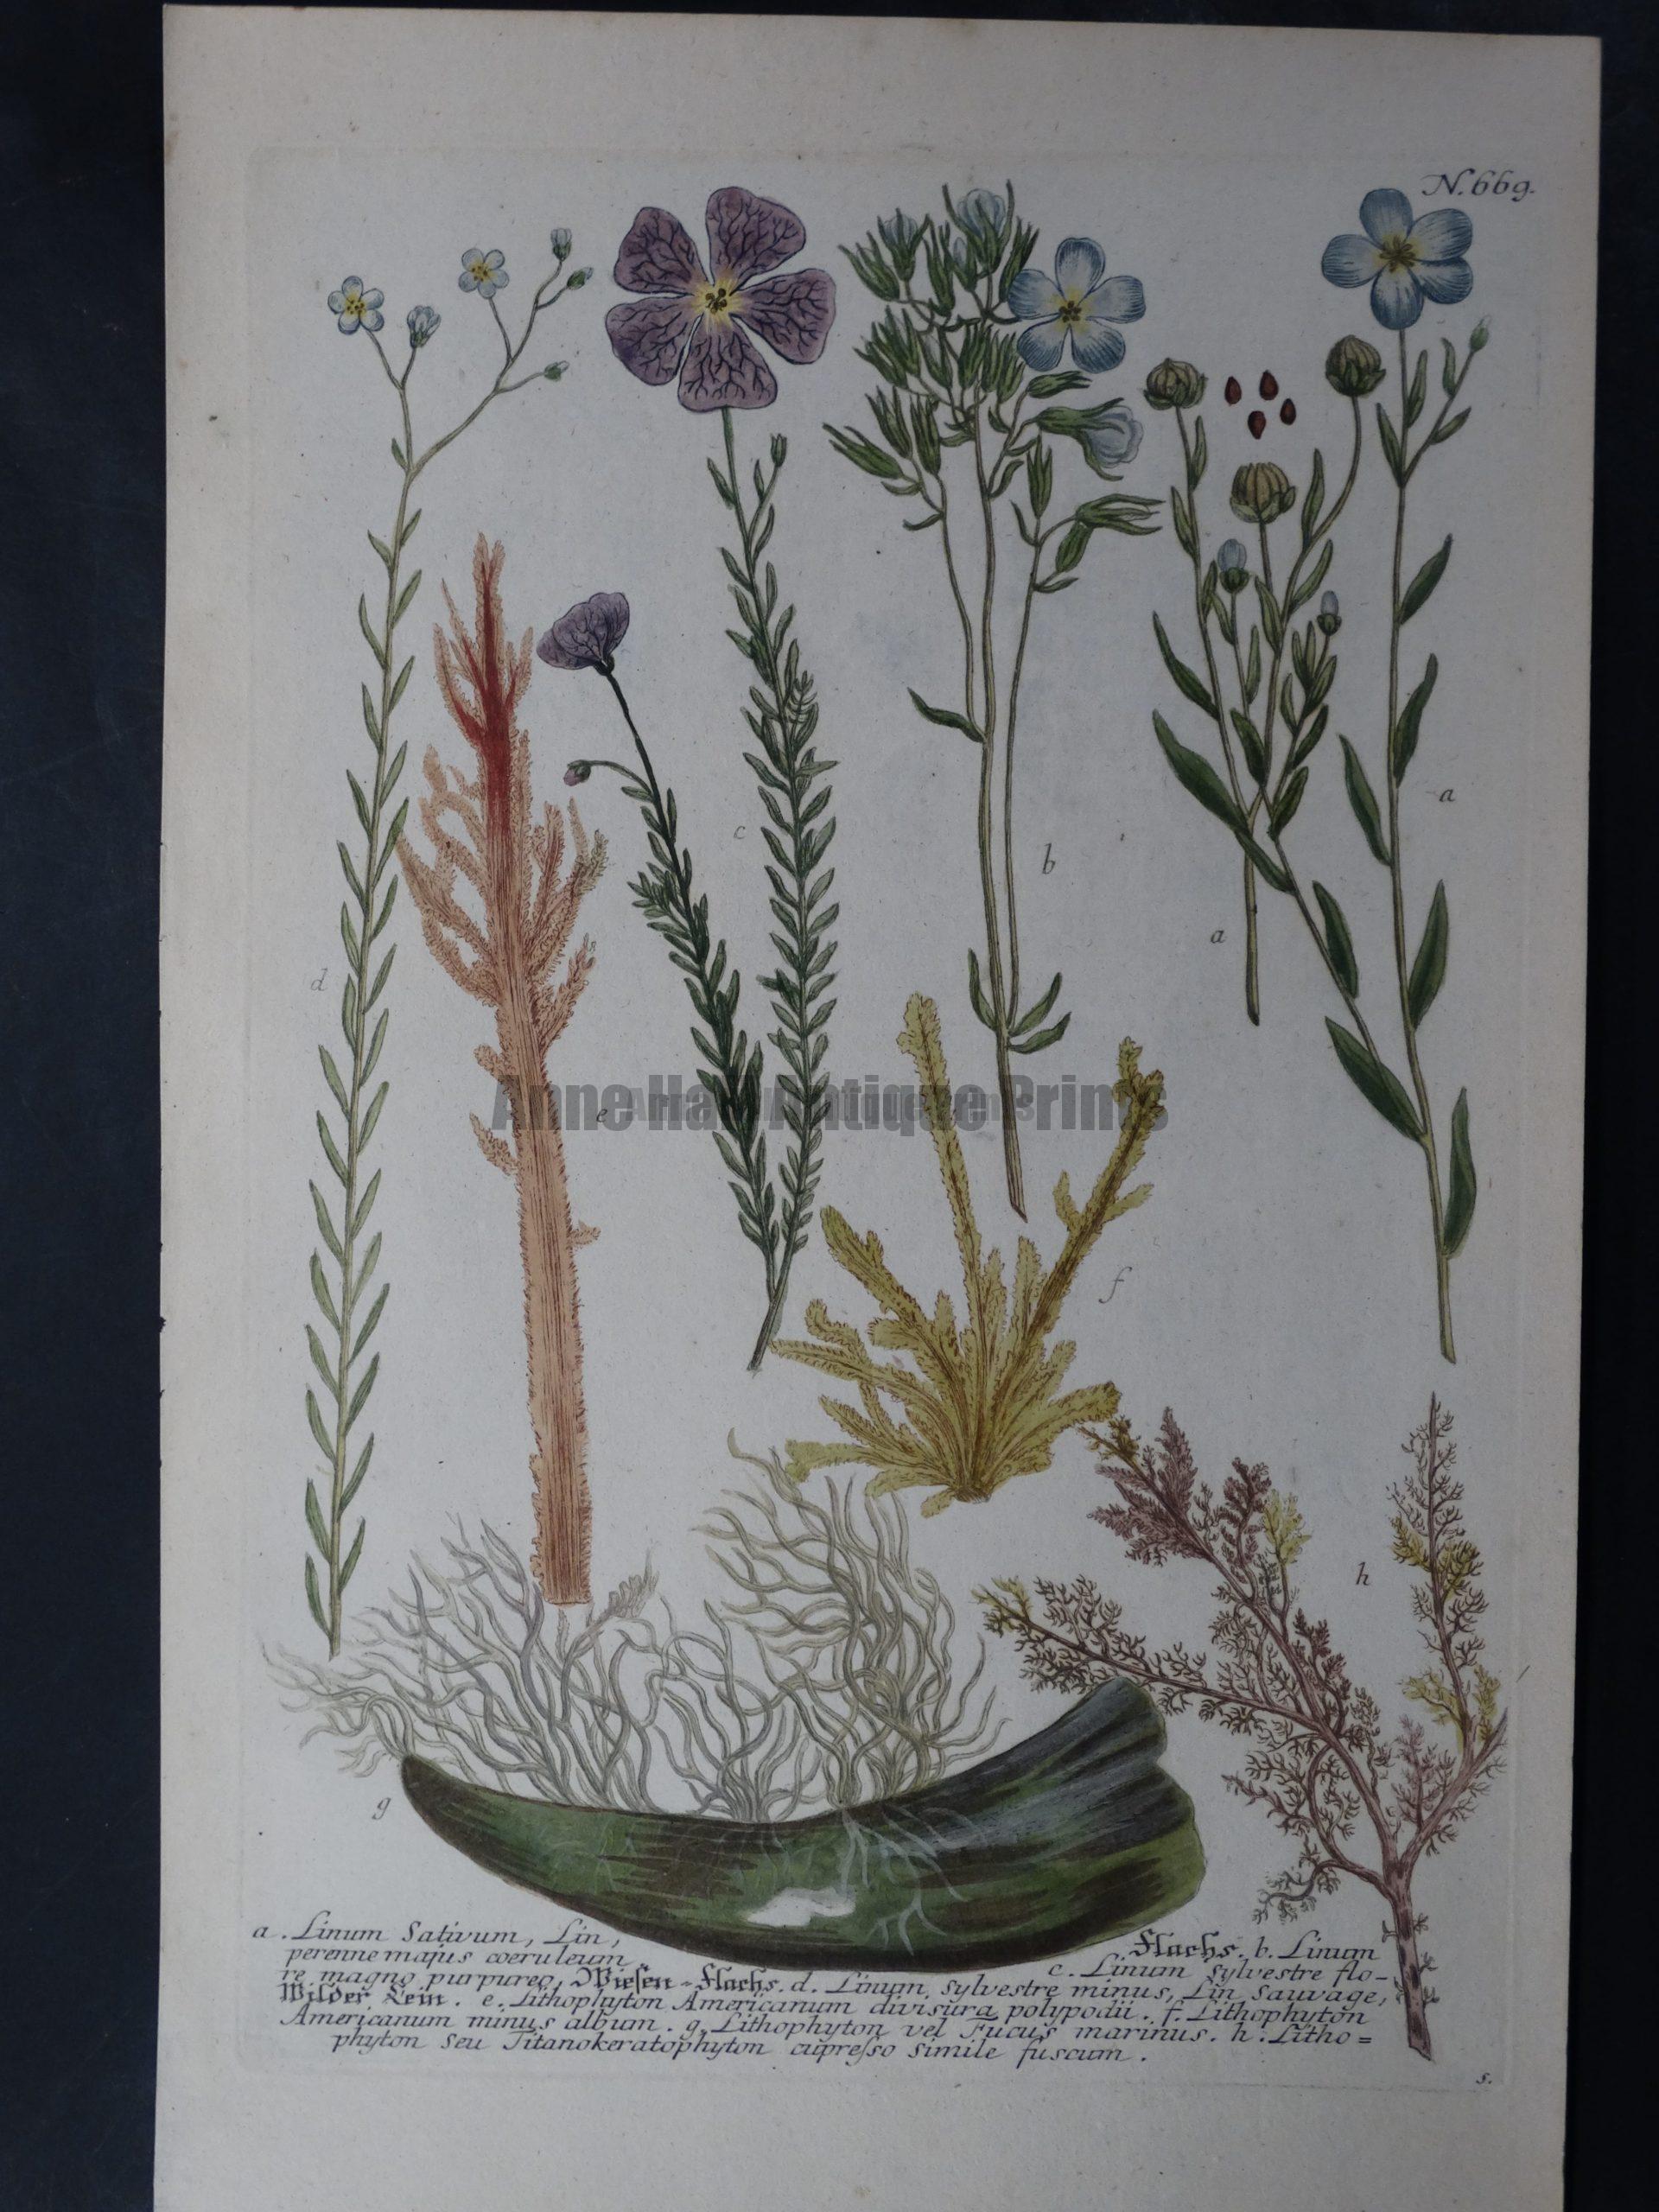 Weinmann Linum 669 Johann Wilhelm Weinmann Phytanthoza iconographia. 1737-1745.  9.5x15.25 in.